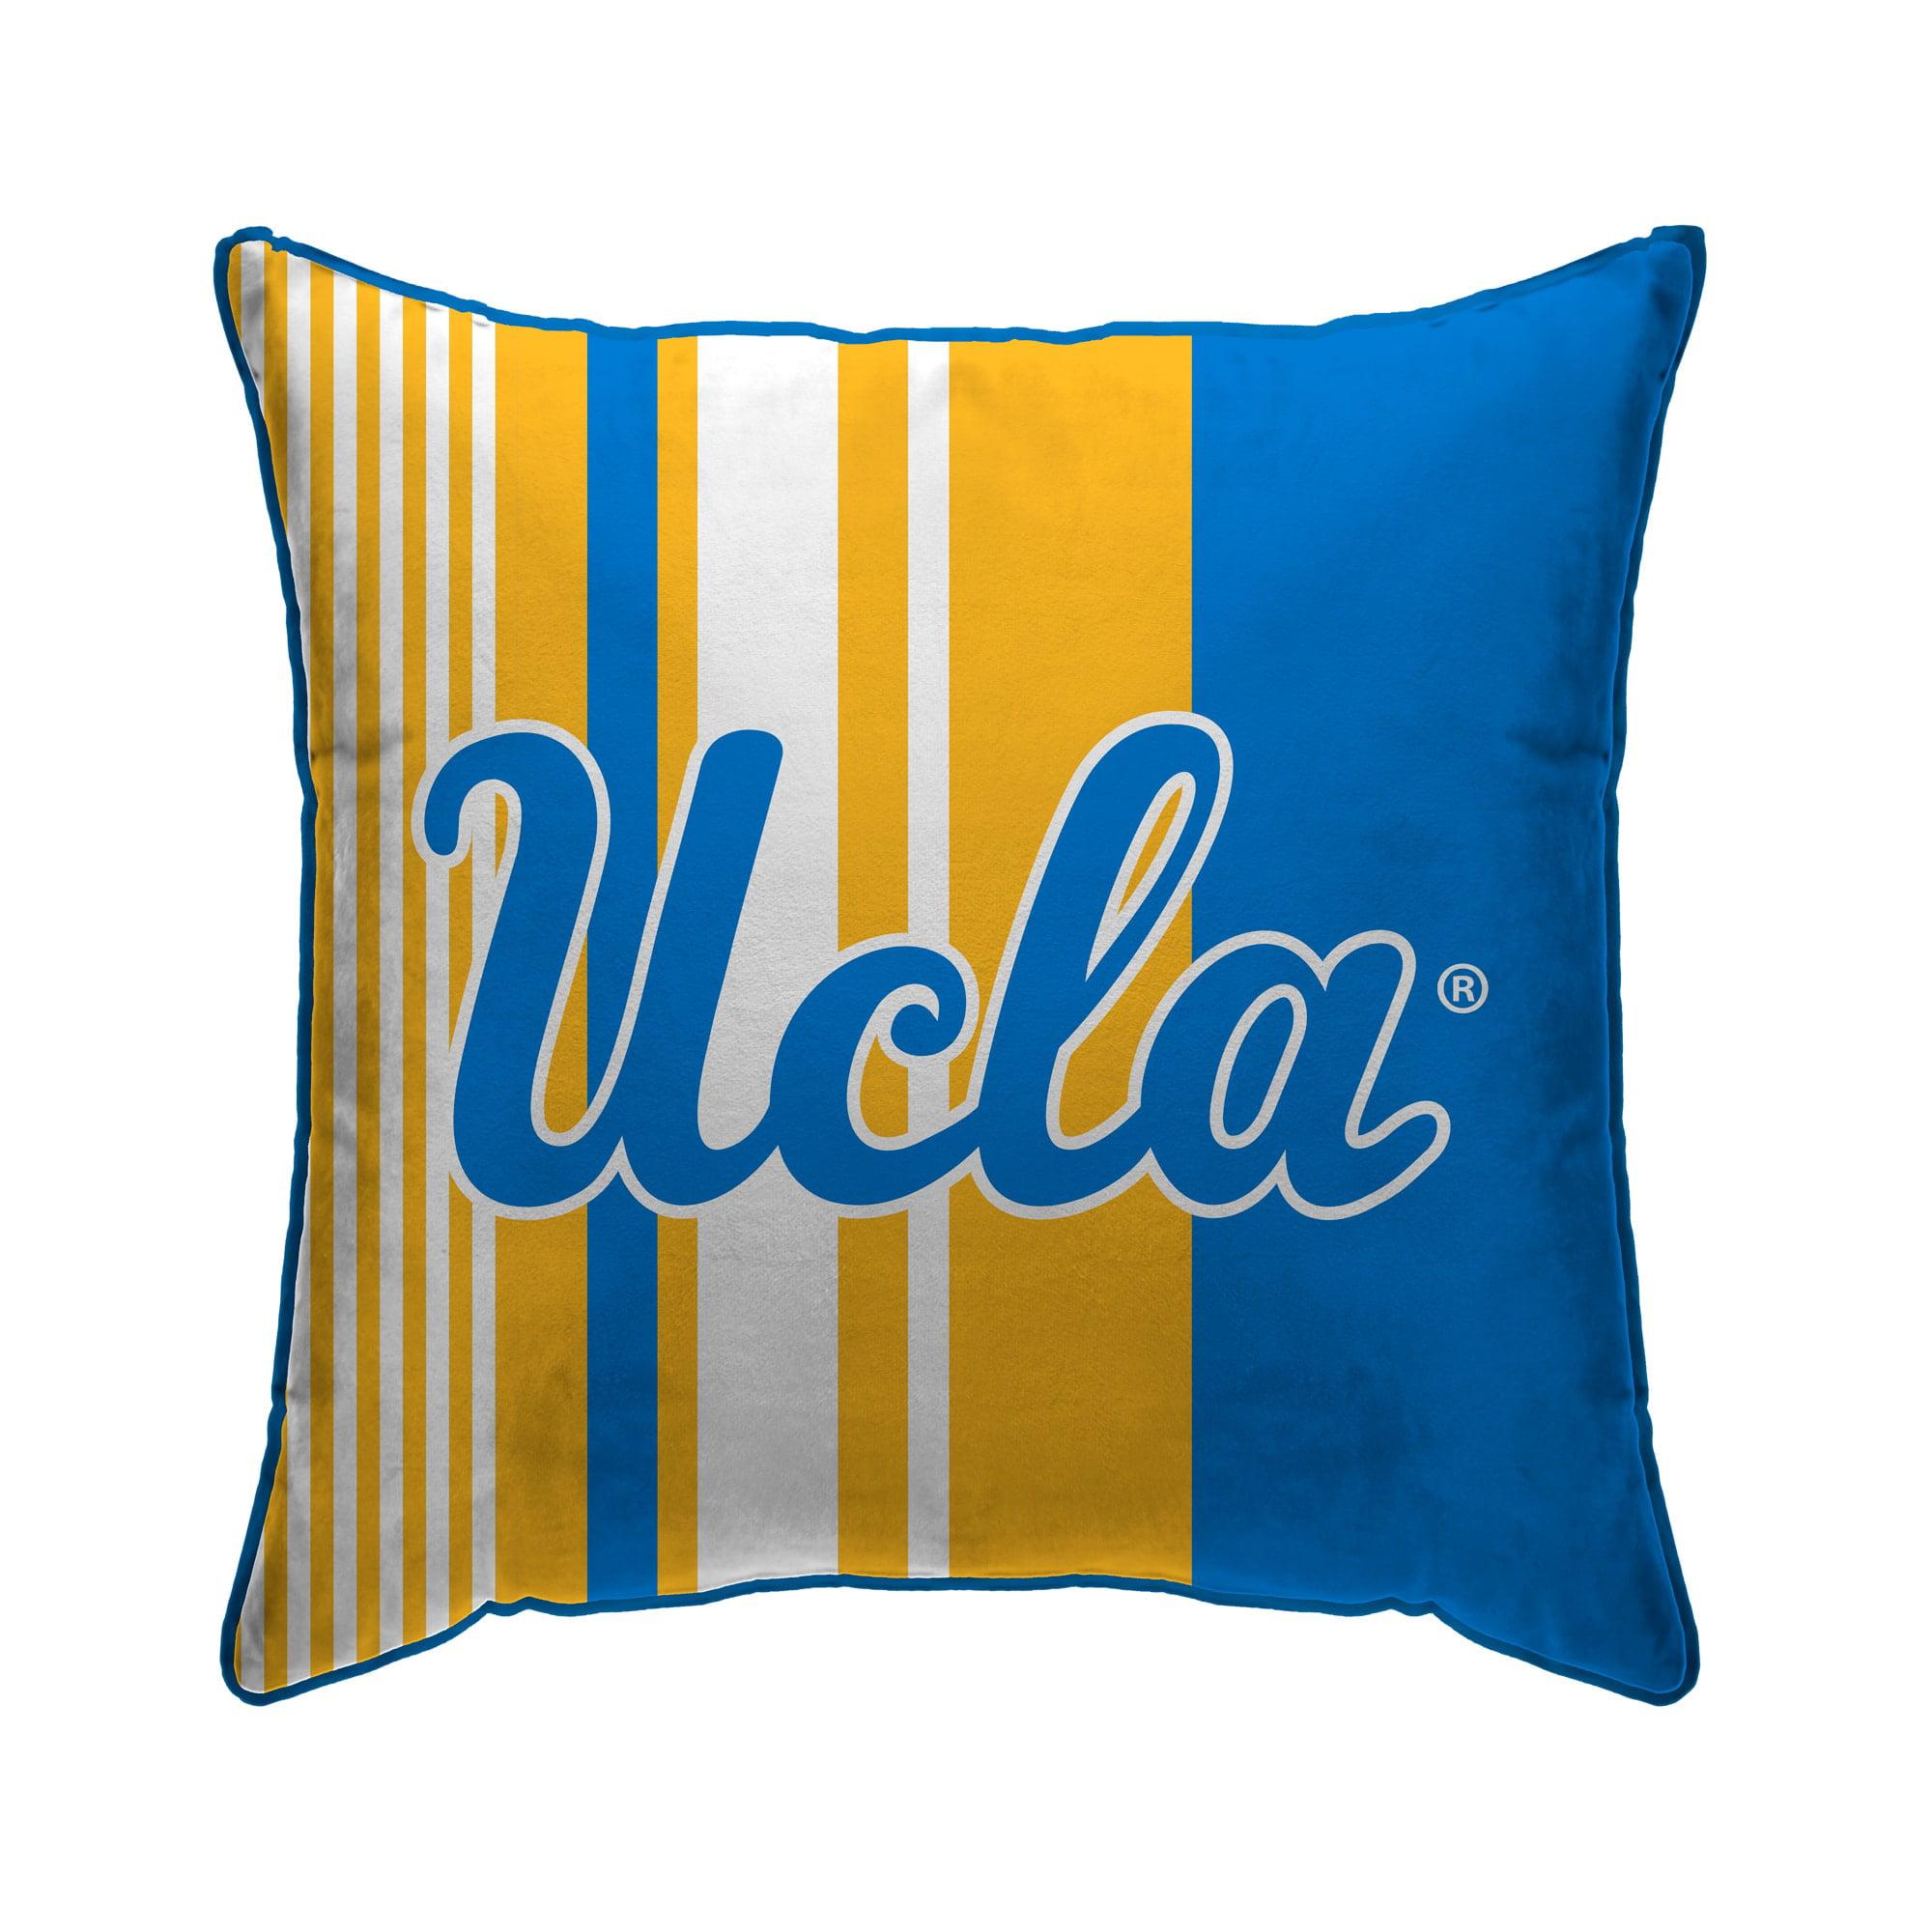 UCLA Bruin blanket.